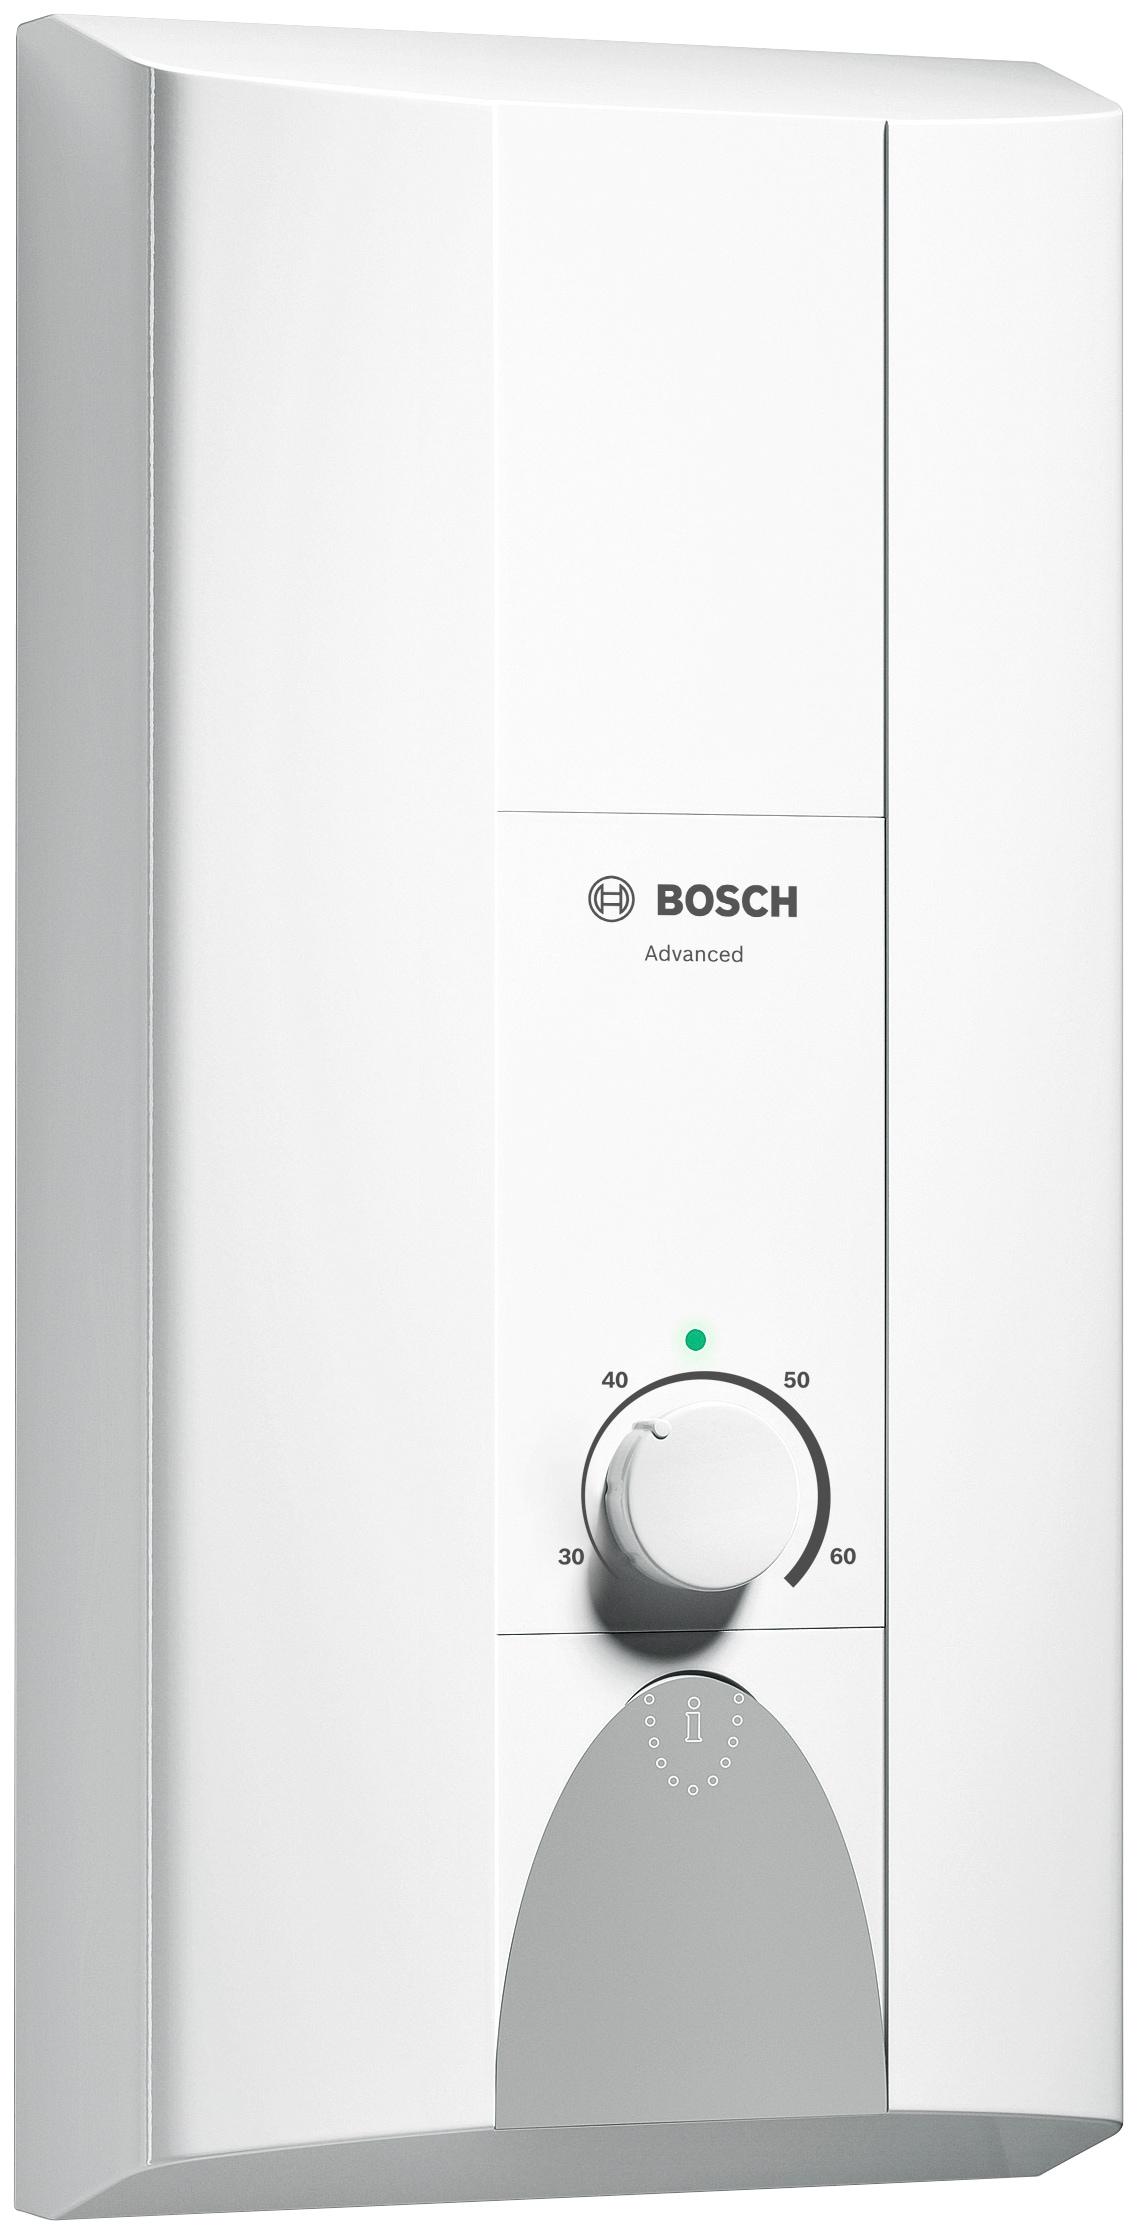 BOSCH Durchlauferhitzer »TR6000R 18/21 ESOB«, elektronisch | Baumarkt > Heizung und Klima > Durchlauferhitzer | Weiß | BOSCH